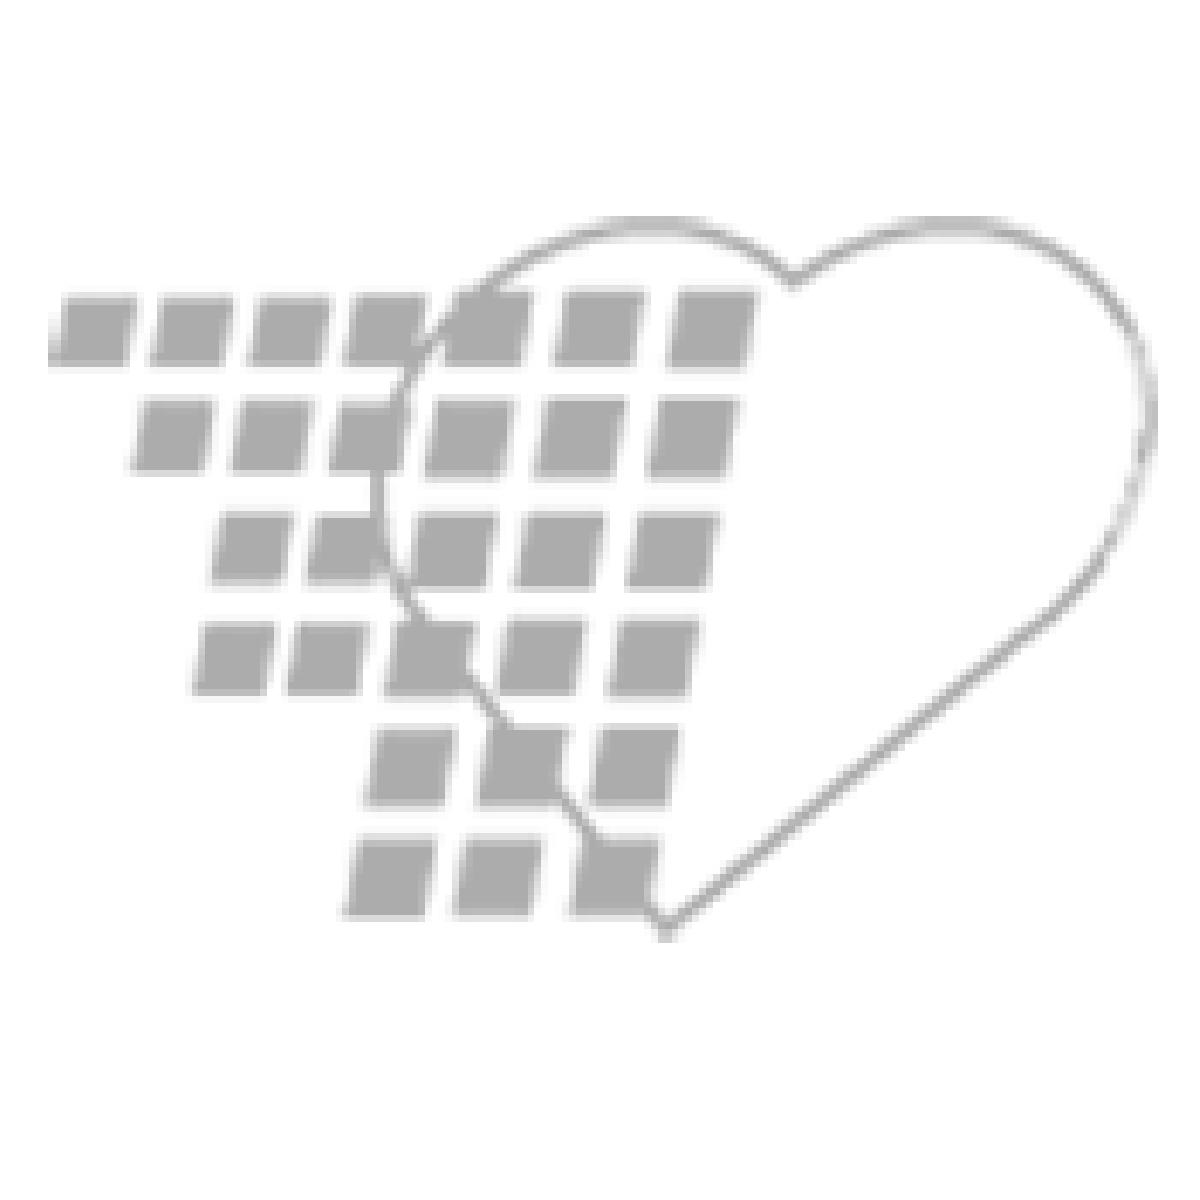 05-46-1225 - KIT GAST 14FR 2.5CM MIC KEY